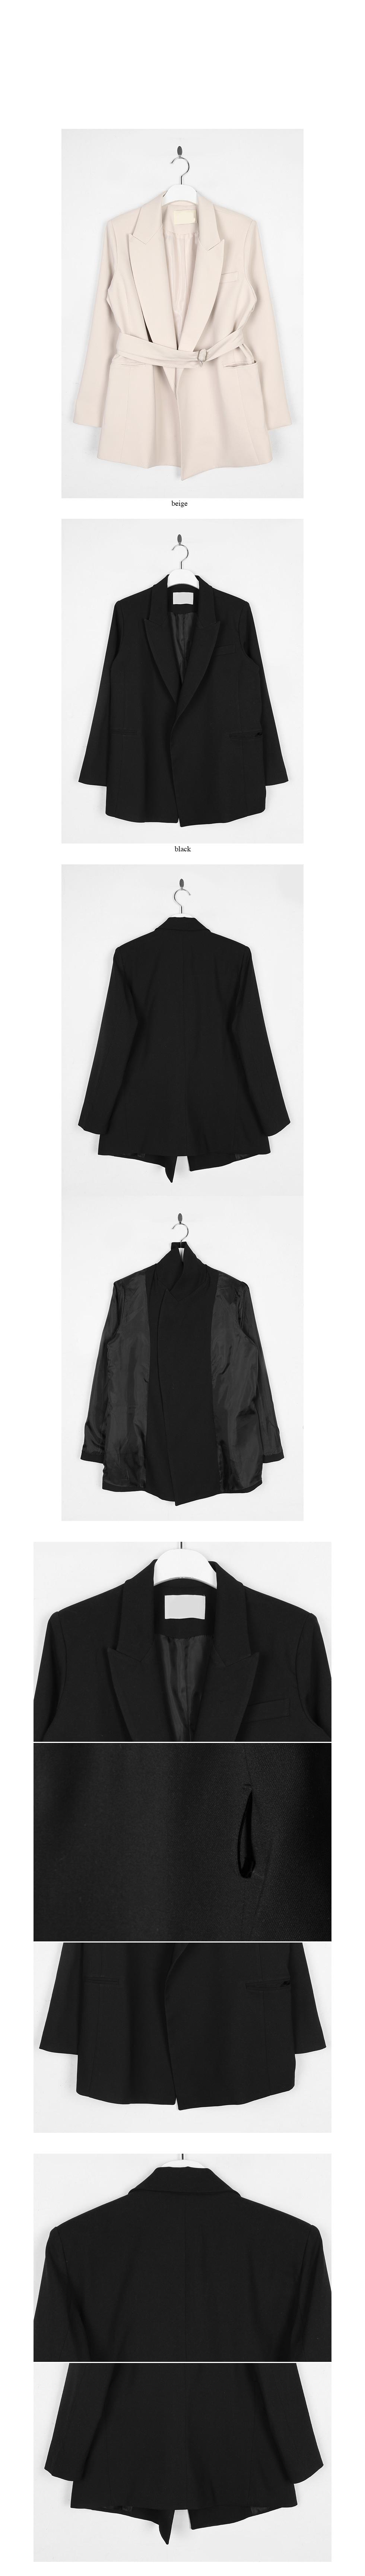 non-button strap jacket